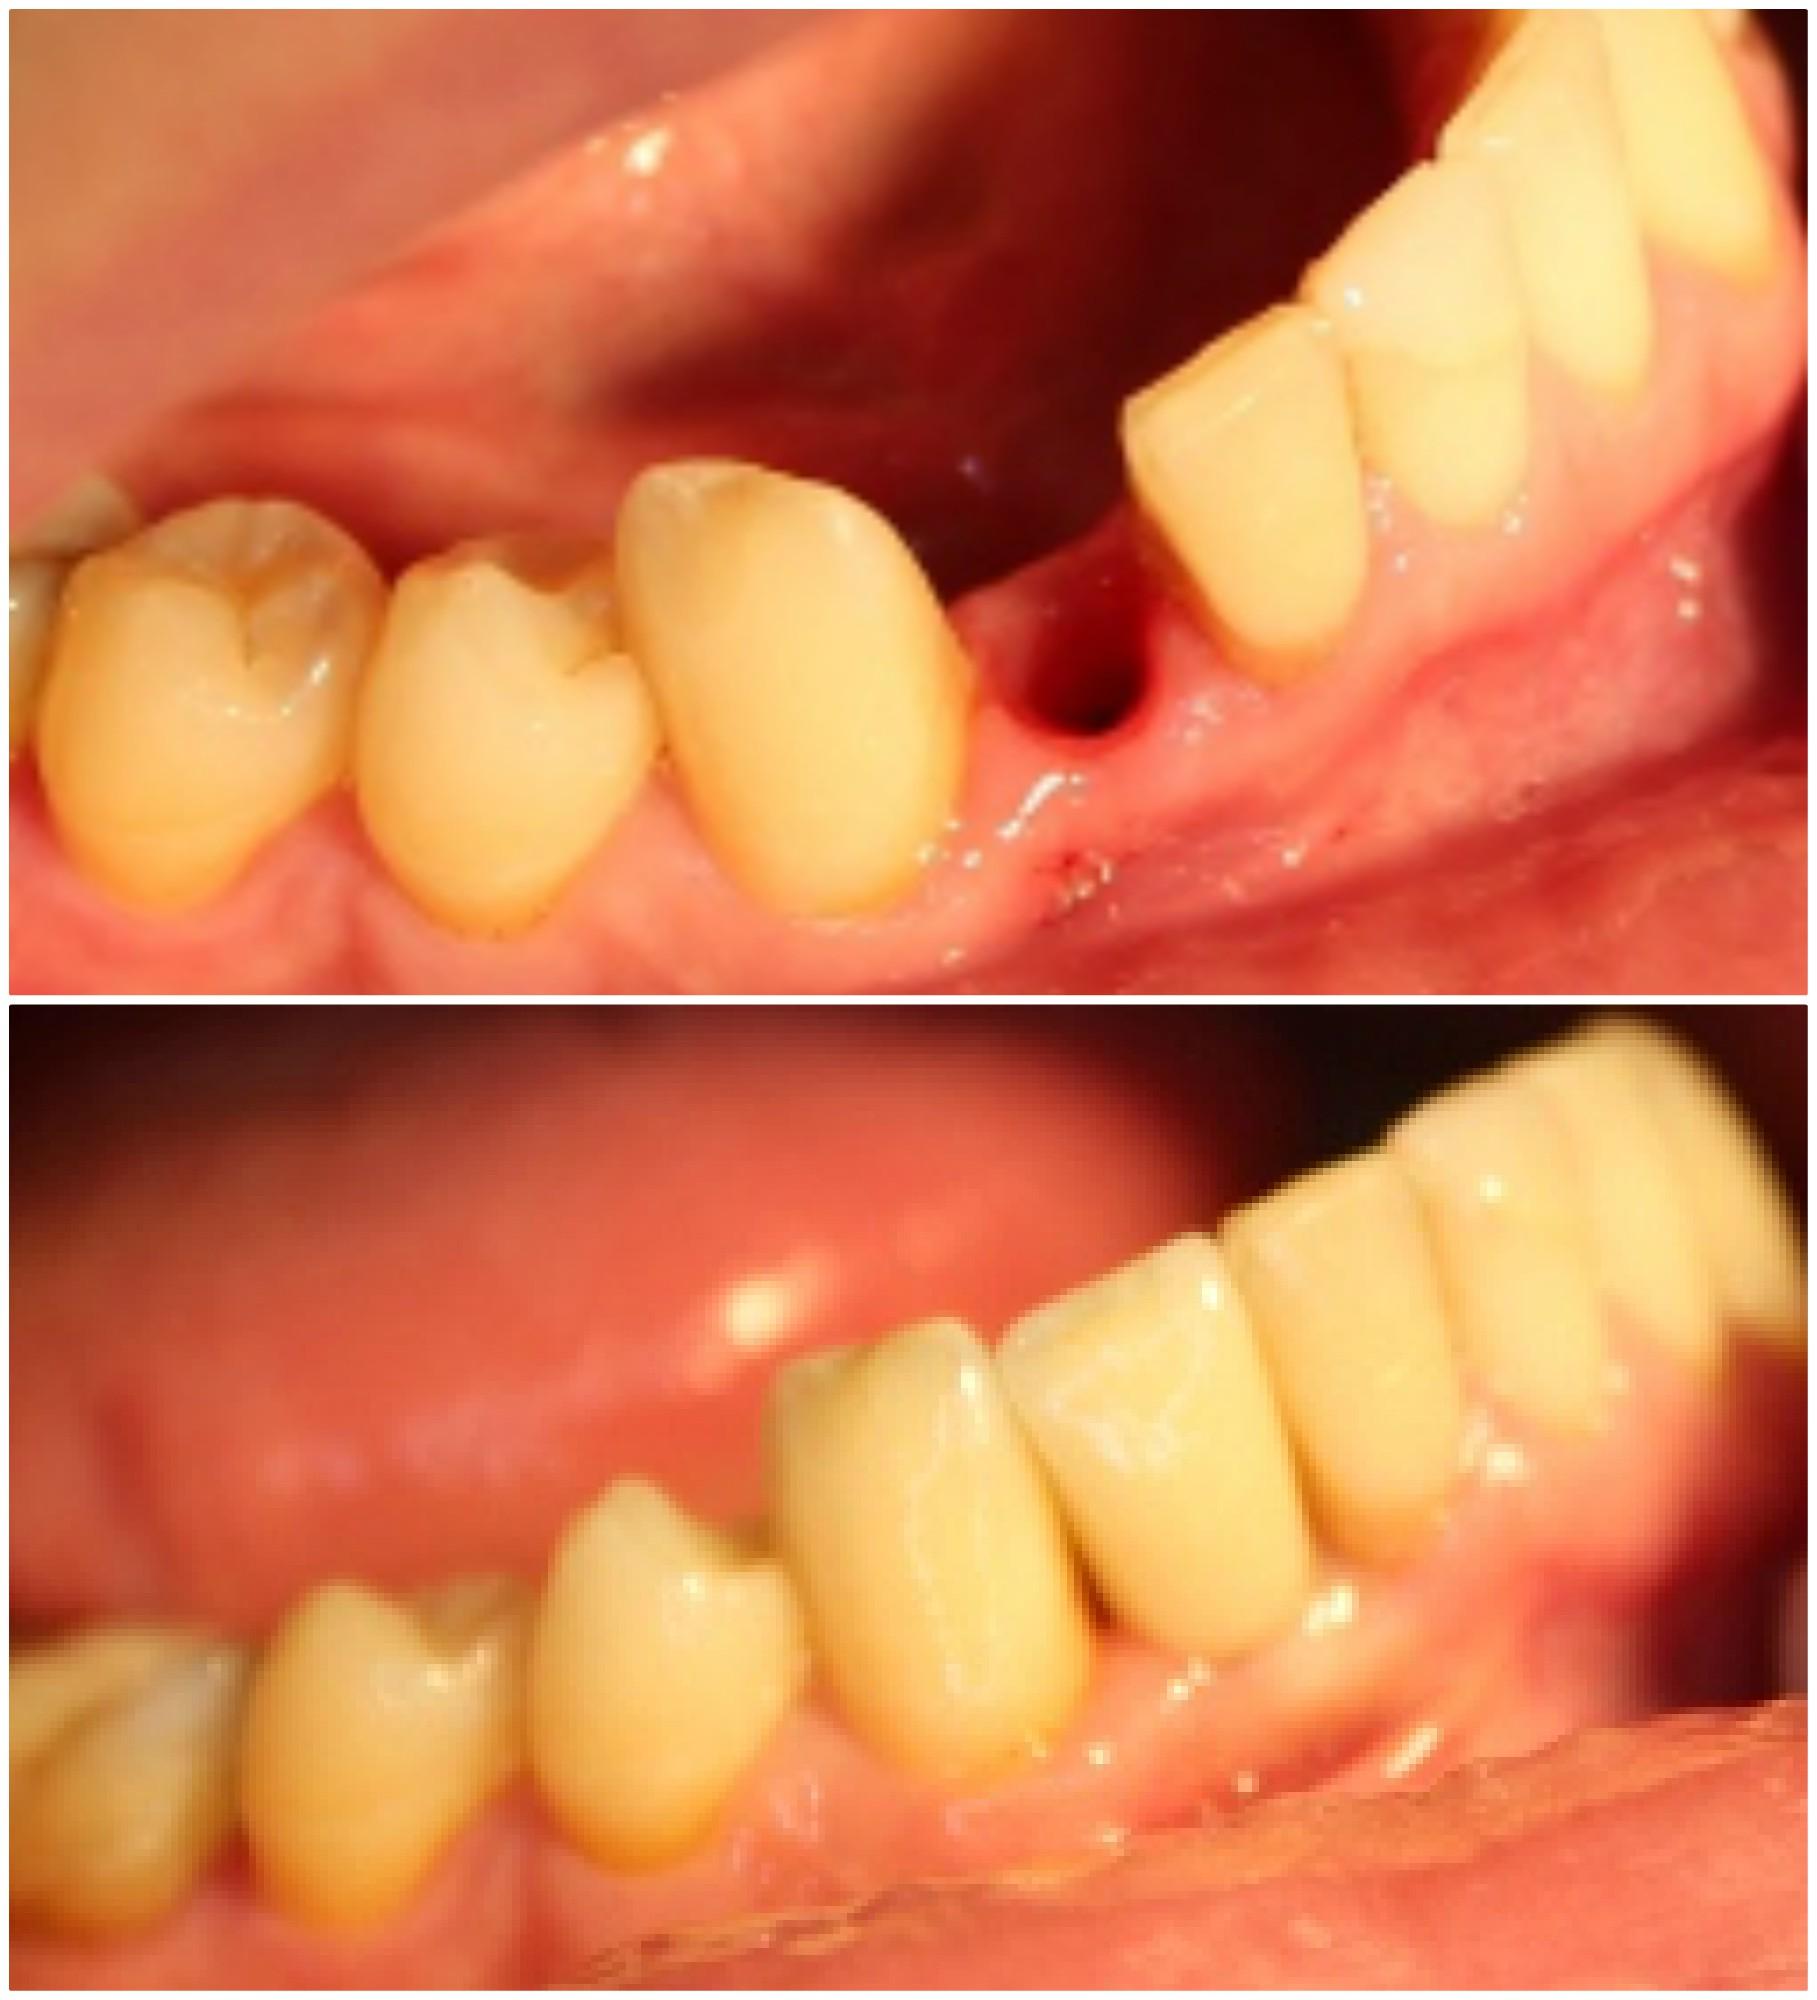 Prieš ir po dantų implantacijos.